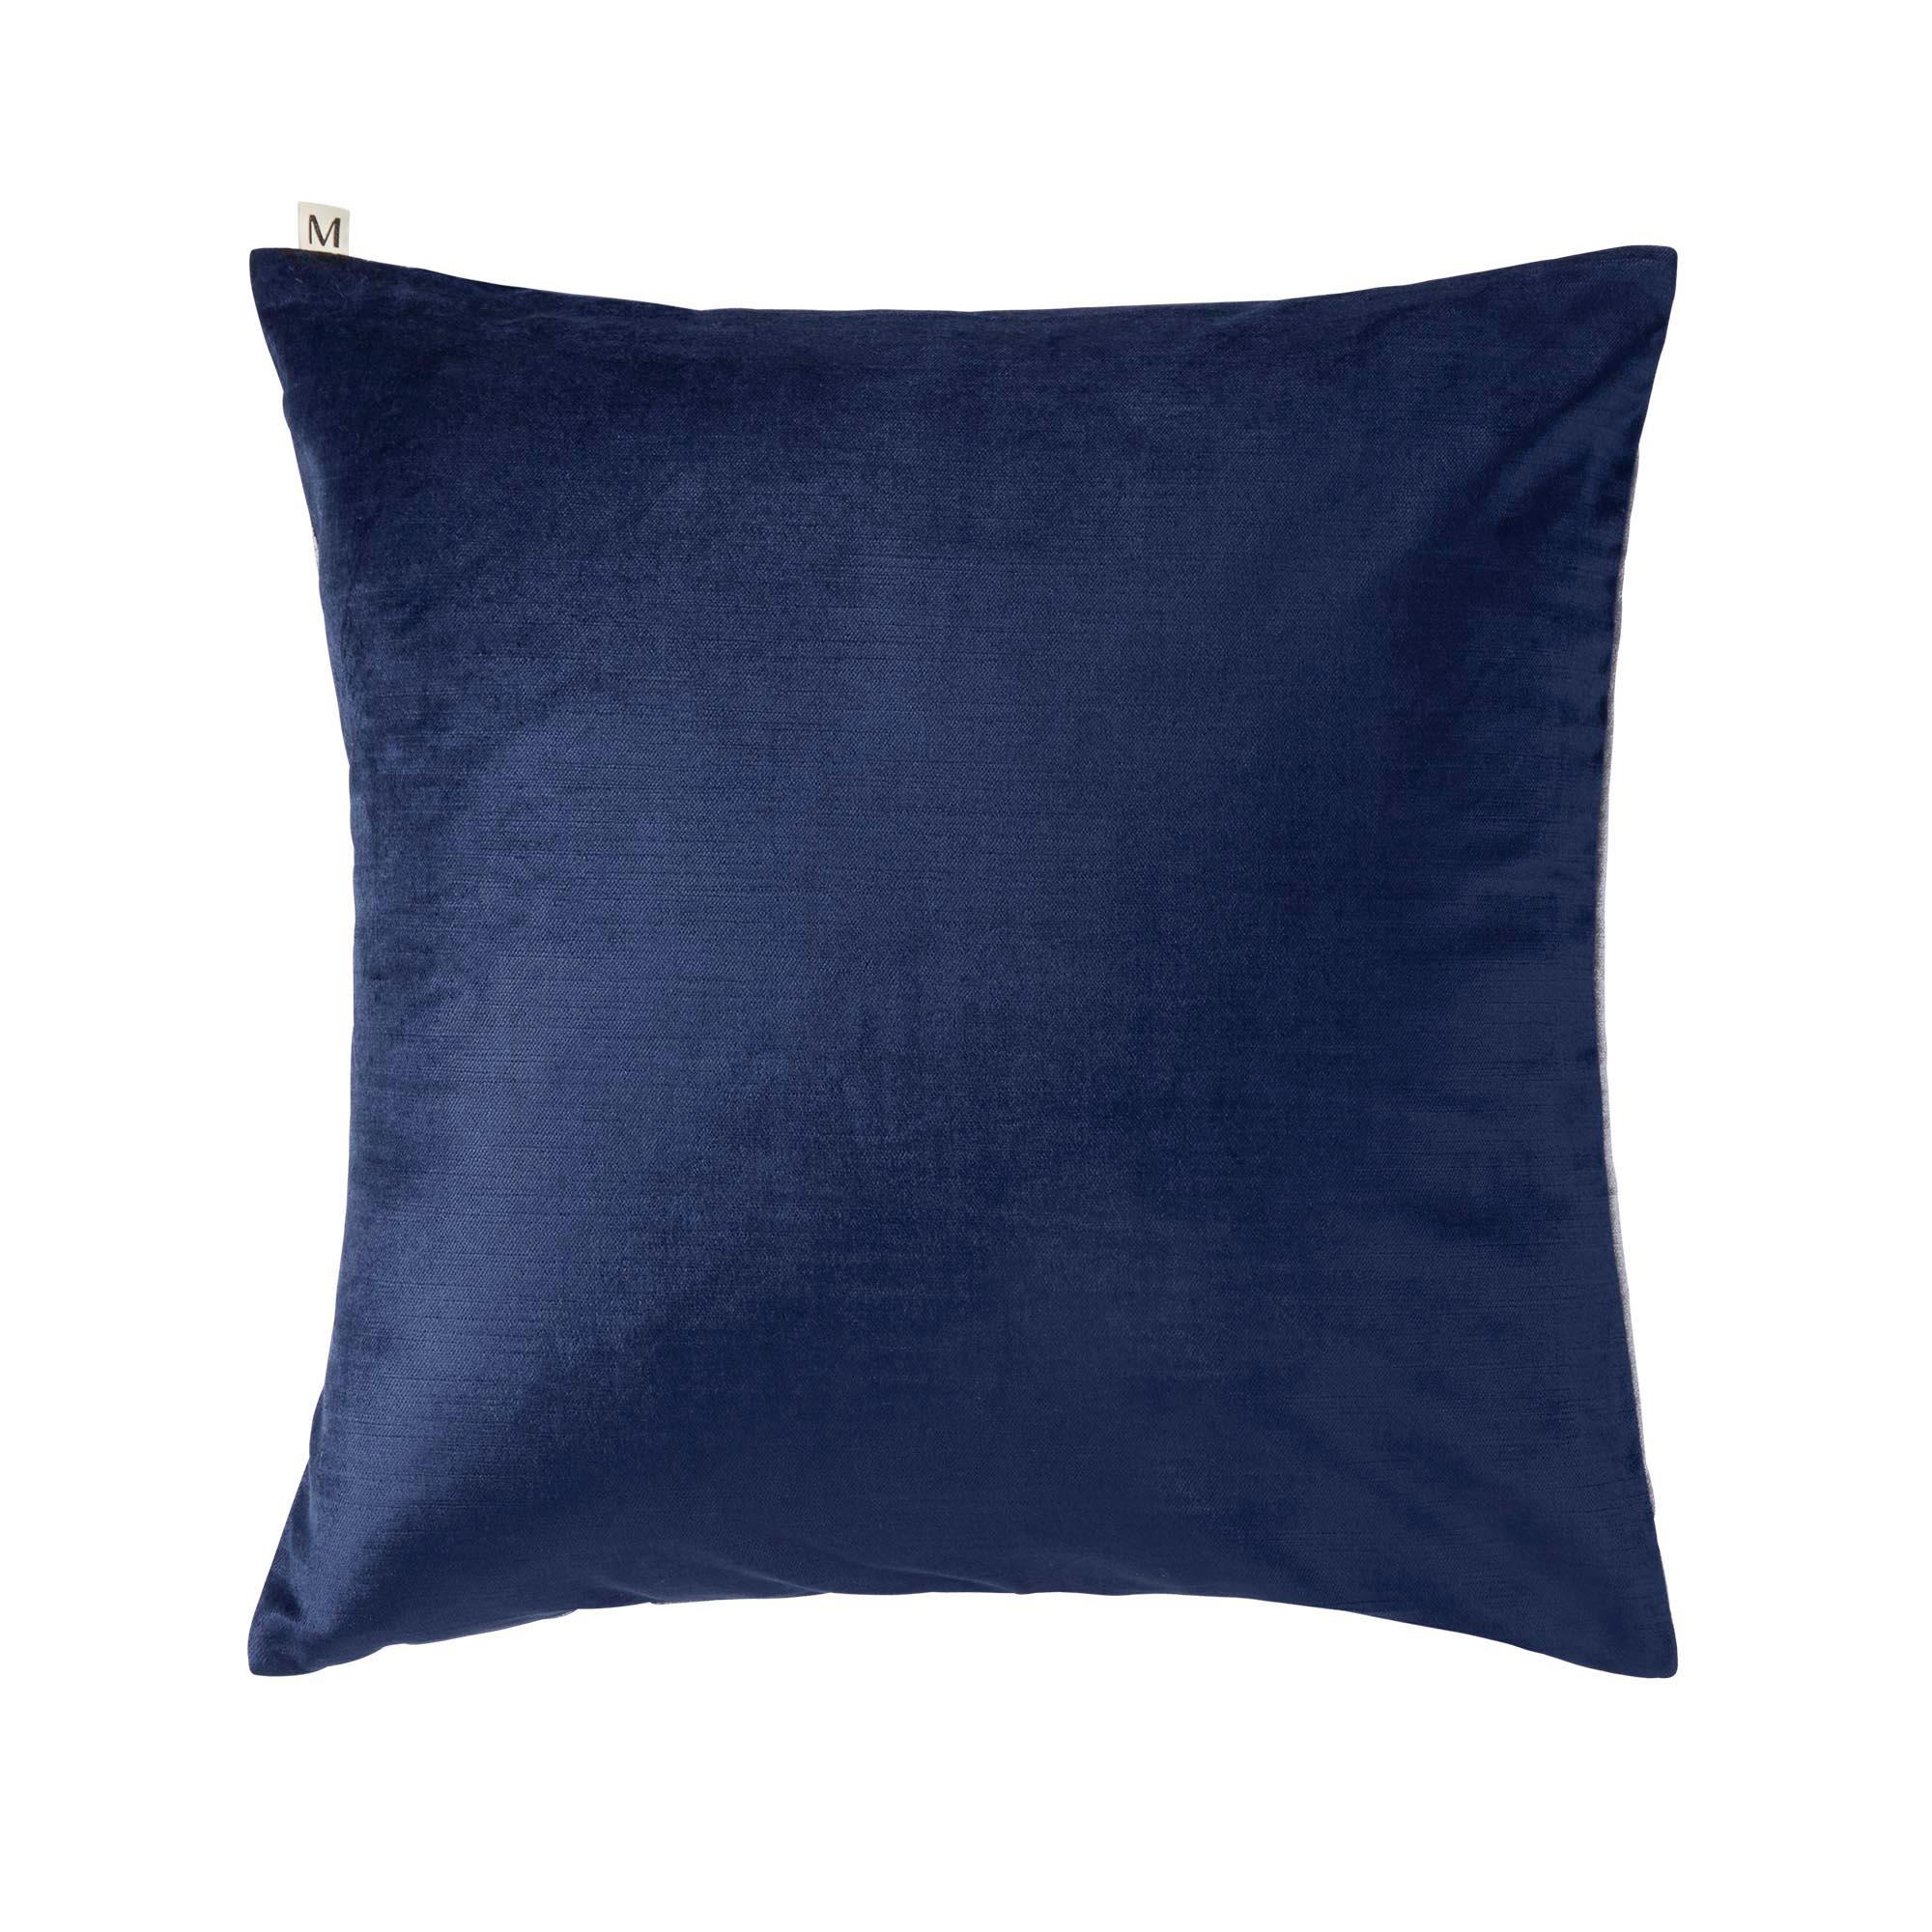 Housse de coussin 60x60 cm Bleu marine